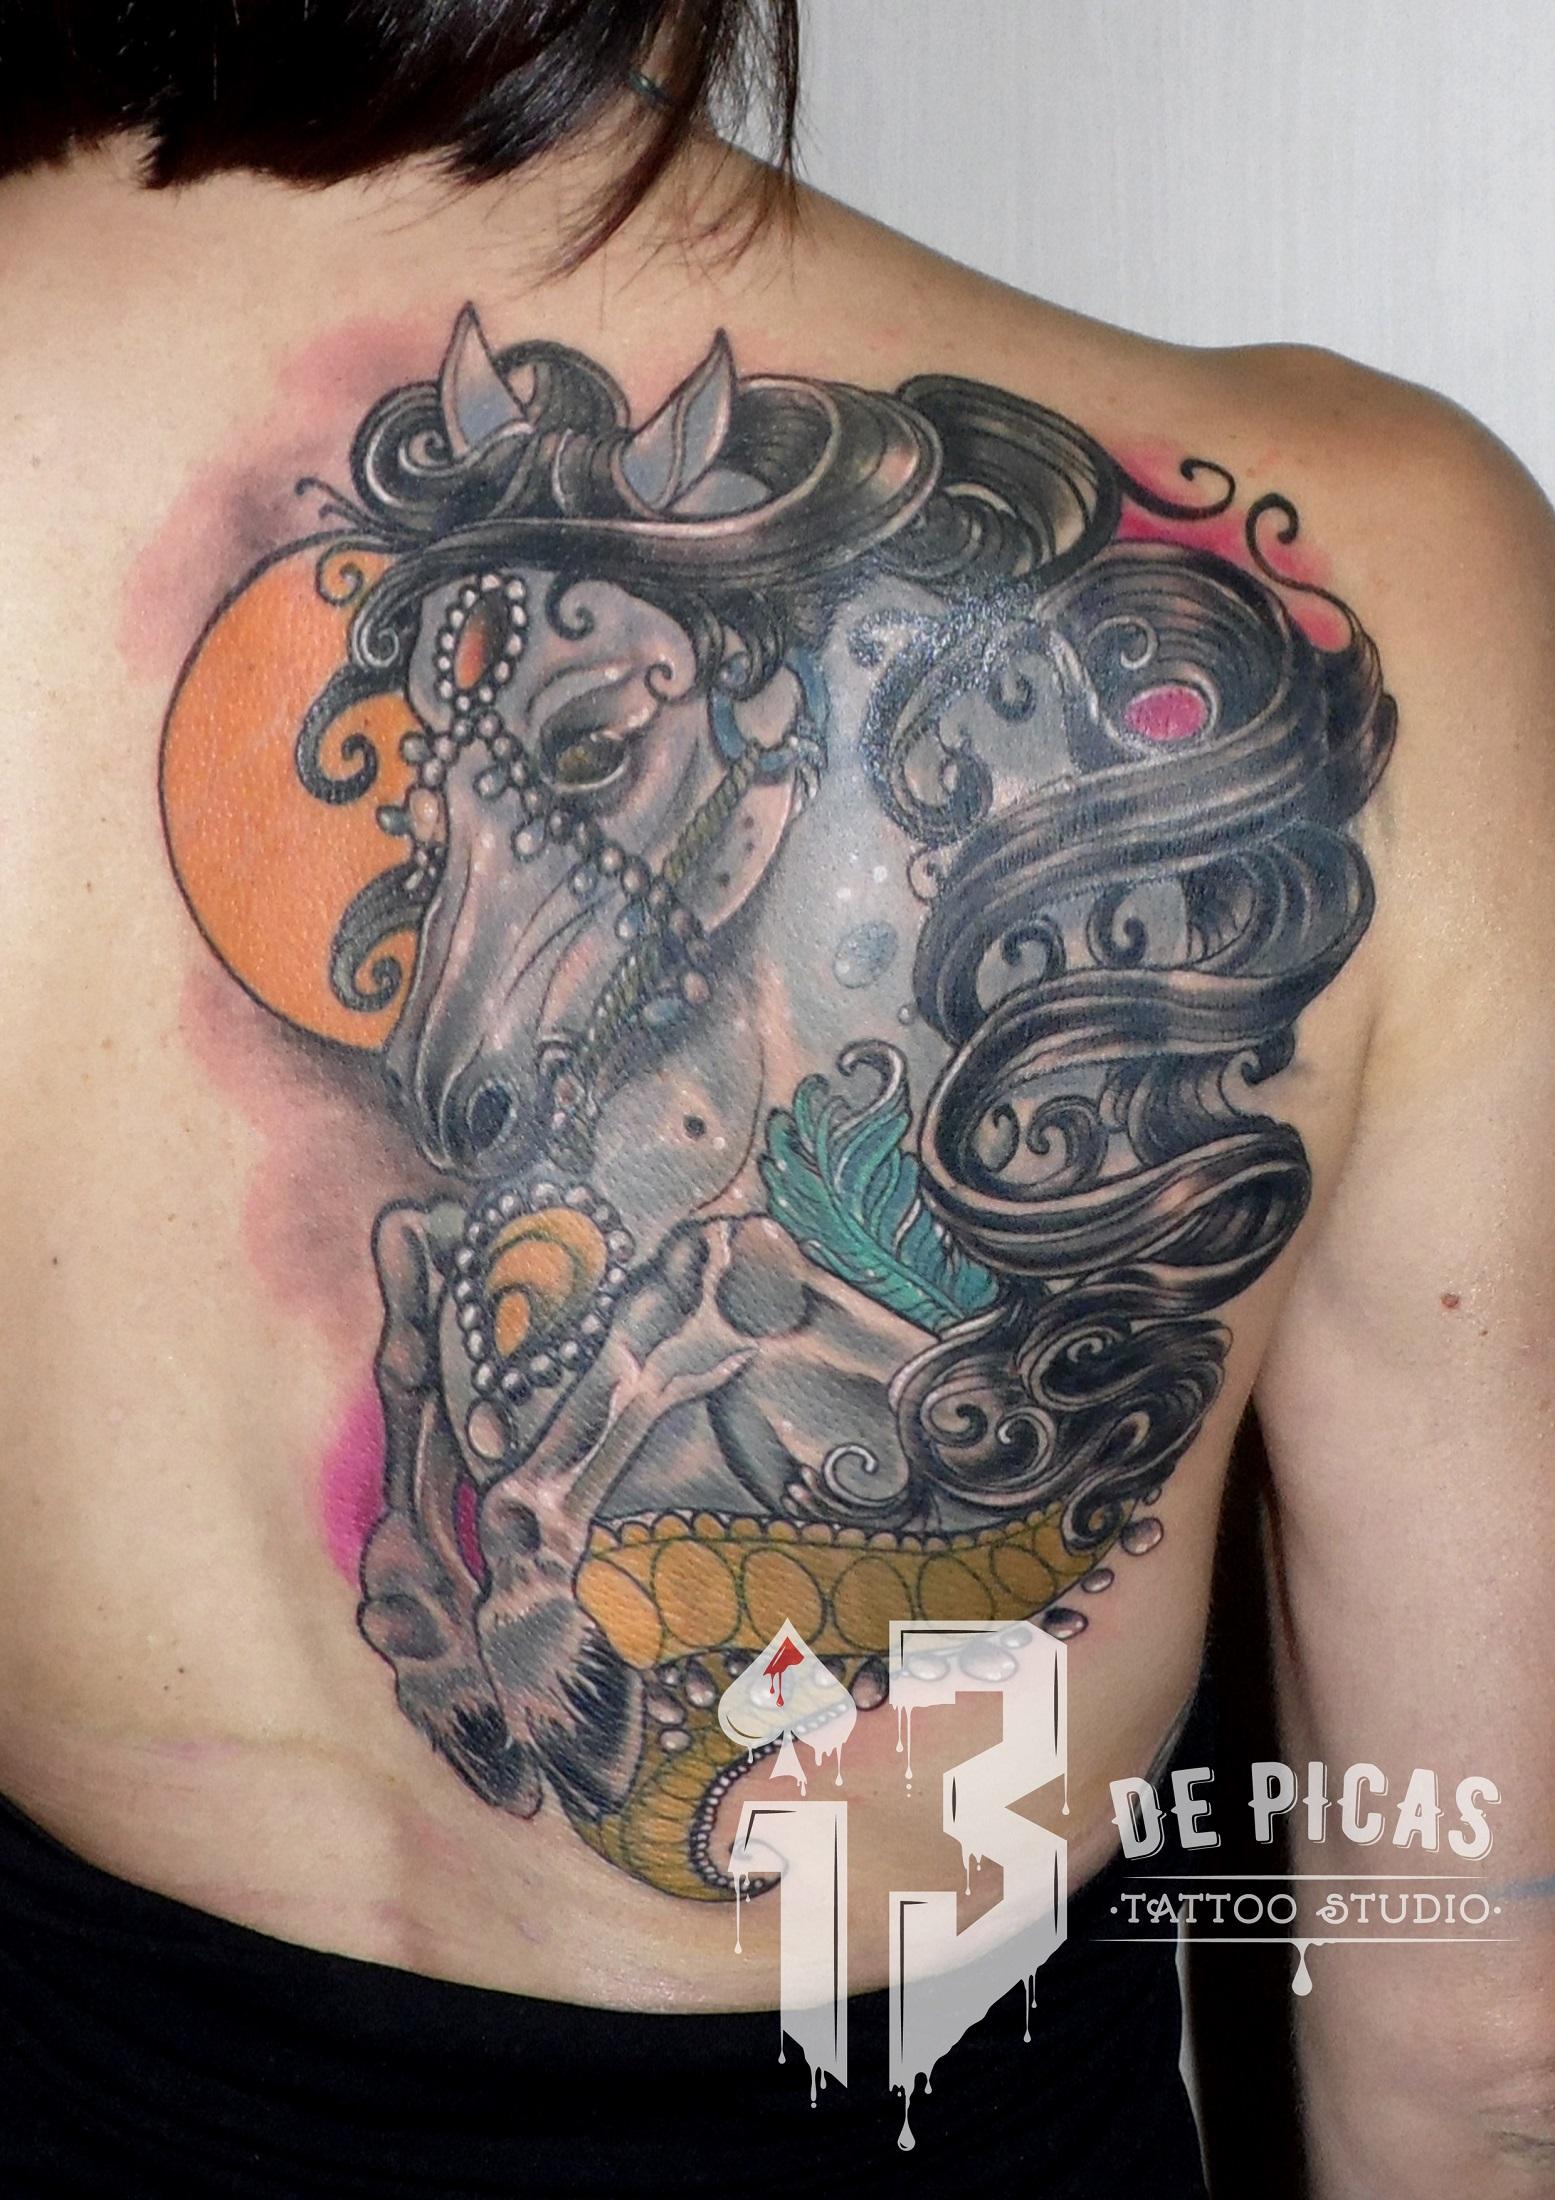 tatuaje tattoo caballo neotradicional color espalda cover tapado 13depicas jaca huesca